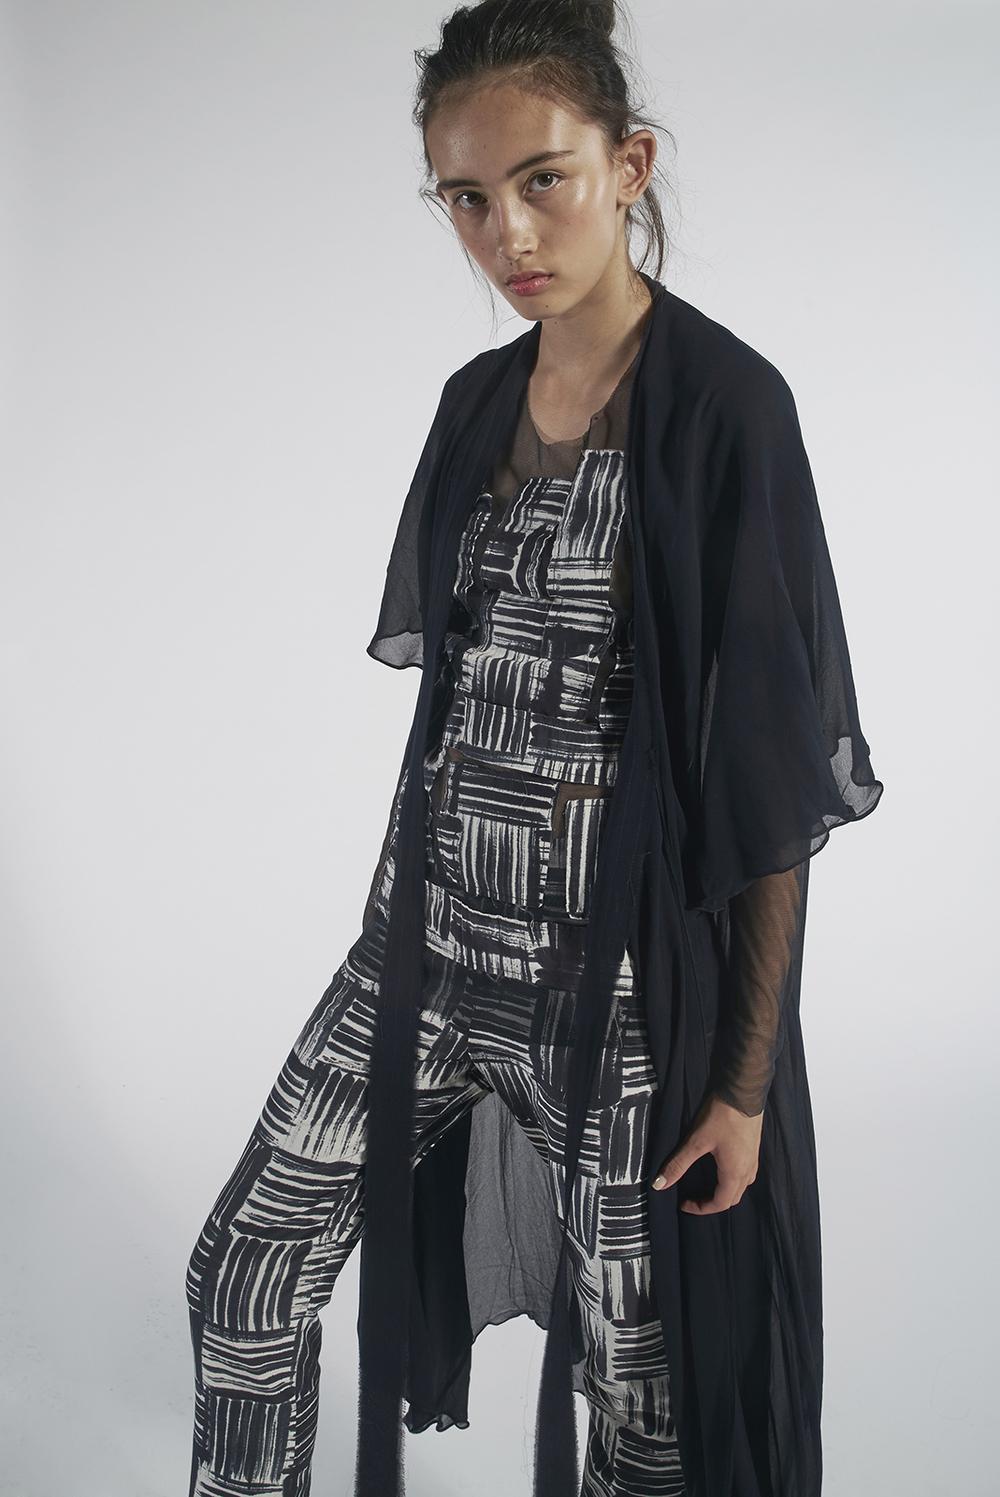 235/A151152 Tie Kimono 592/A153369 Batik Patchwork Tulle Top 592/A156112L Batik Slim Pants